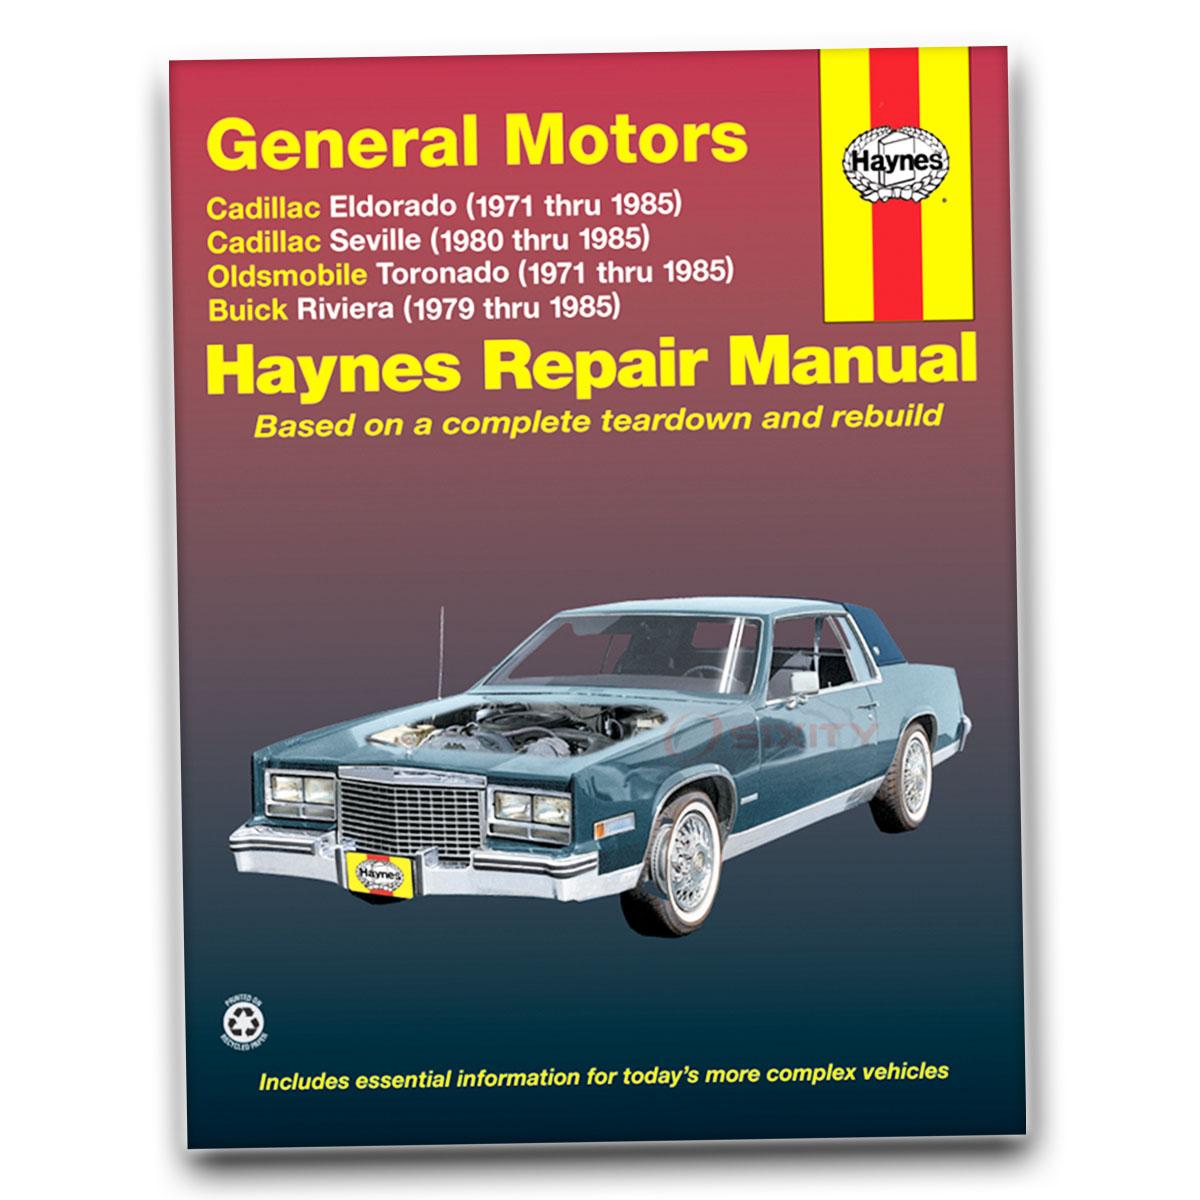 [SCHEMATICS_4CA]  Haynes Repair Manual for 1971-1985 Cadillac Eldorado - Shop Service Garage  ba | eBay | 1985 Cadillac Eldorado Engine Diagram |  | eBay